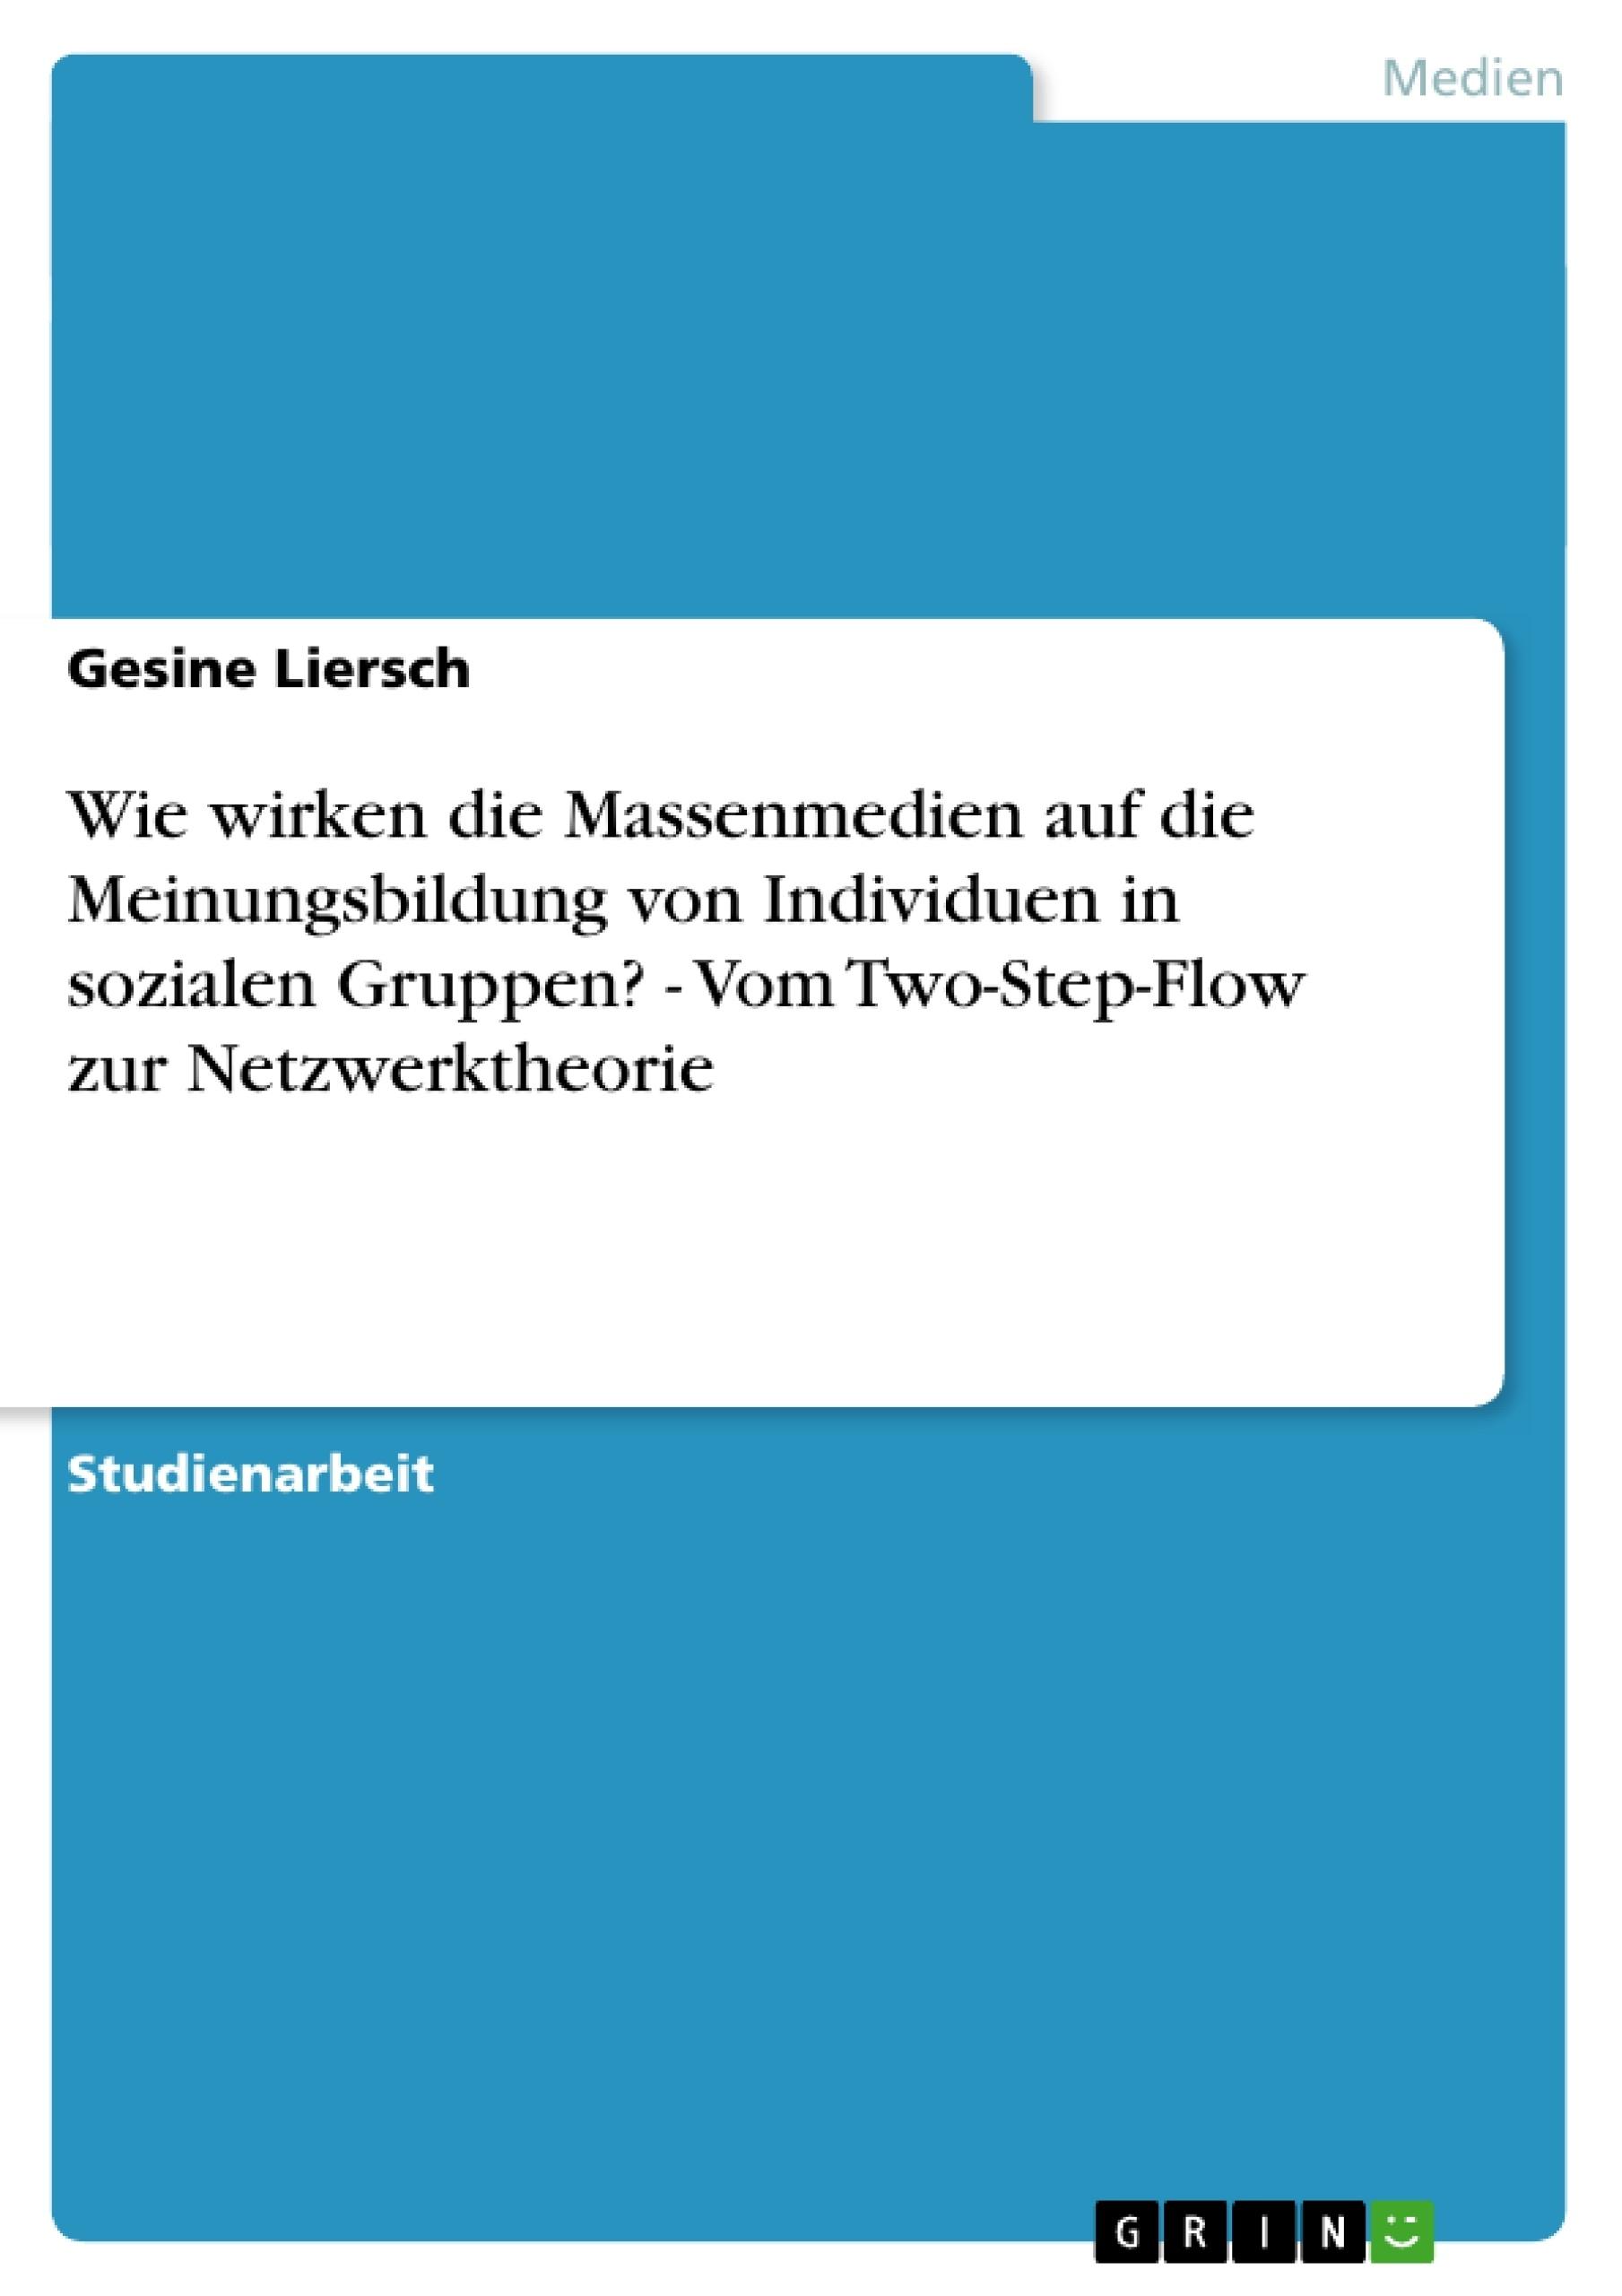 Titel: Wie wirken die Massenmedien auf die Meinungsbildung von Individuen in sozialen Gruppen?  -  Vom Two-Step-Flow zur Netzwerktheorie